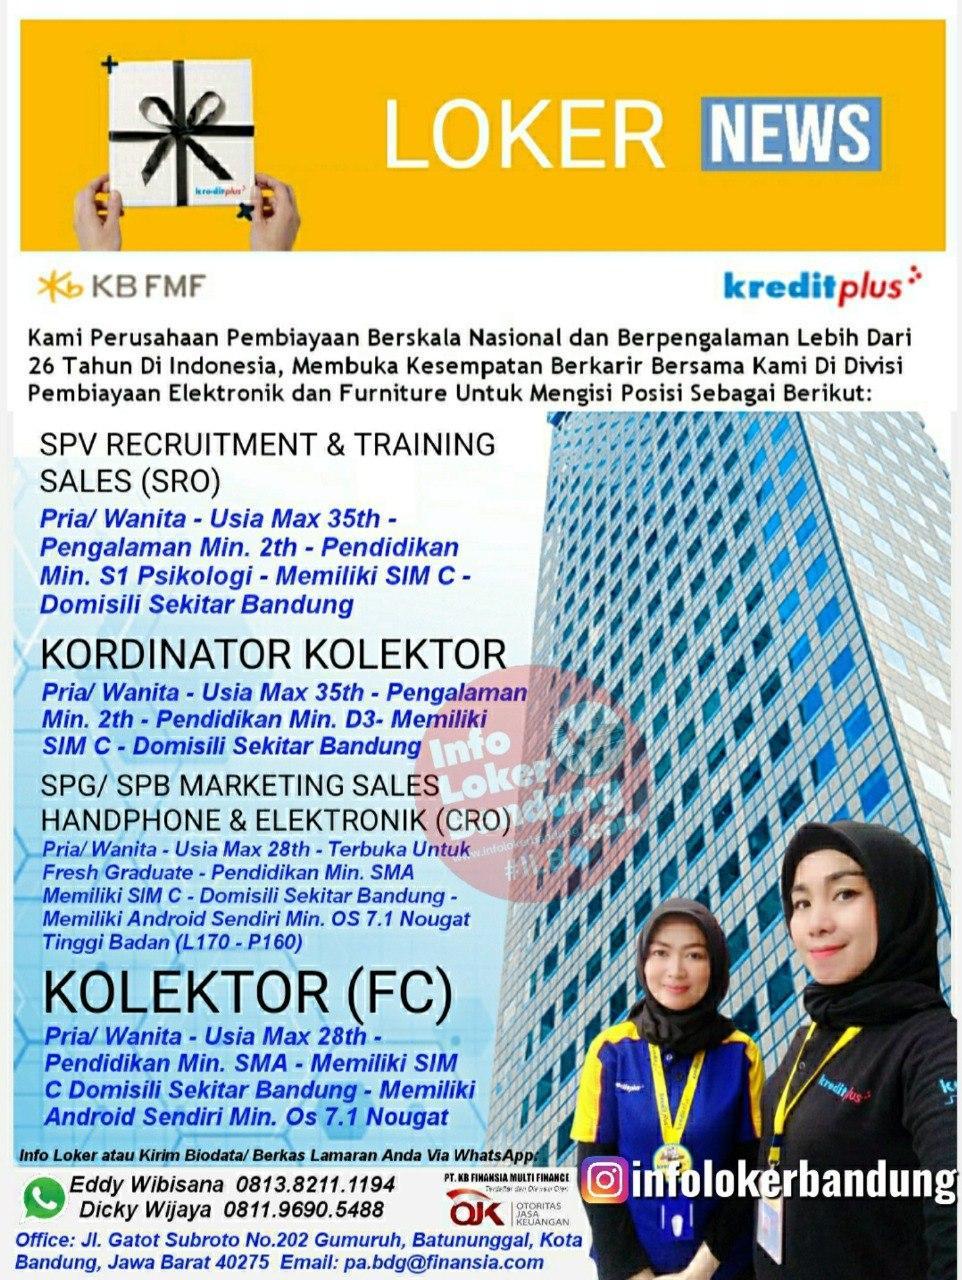 Lowongan Kerja PT. Finansia Multi Finance ( Kredit Plus ) Bandung Agustus 2020